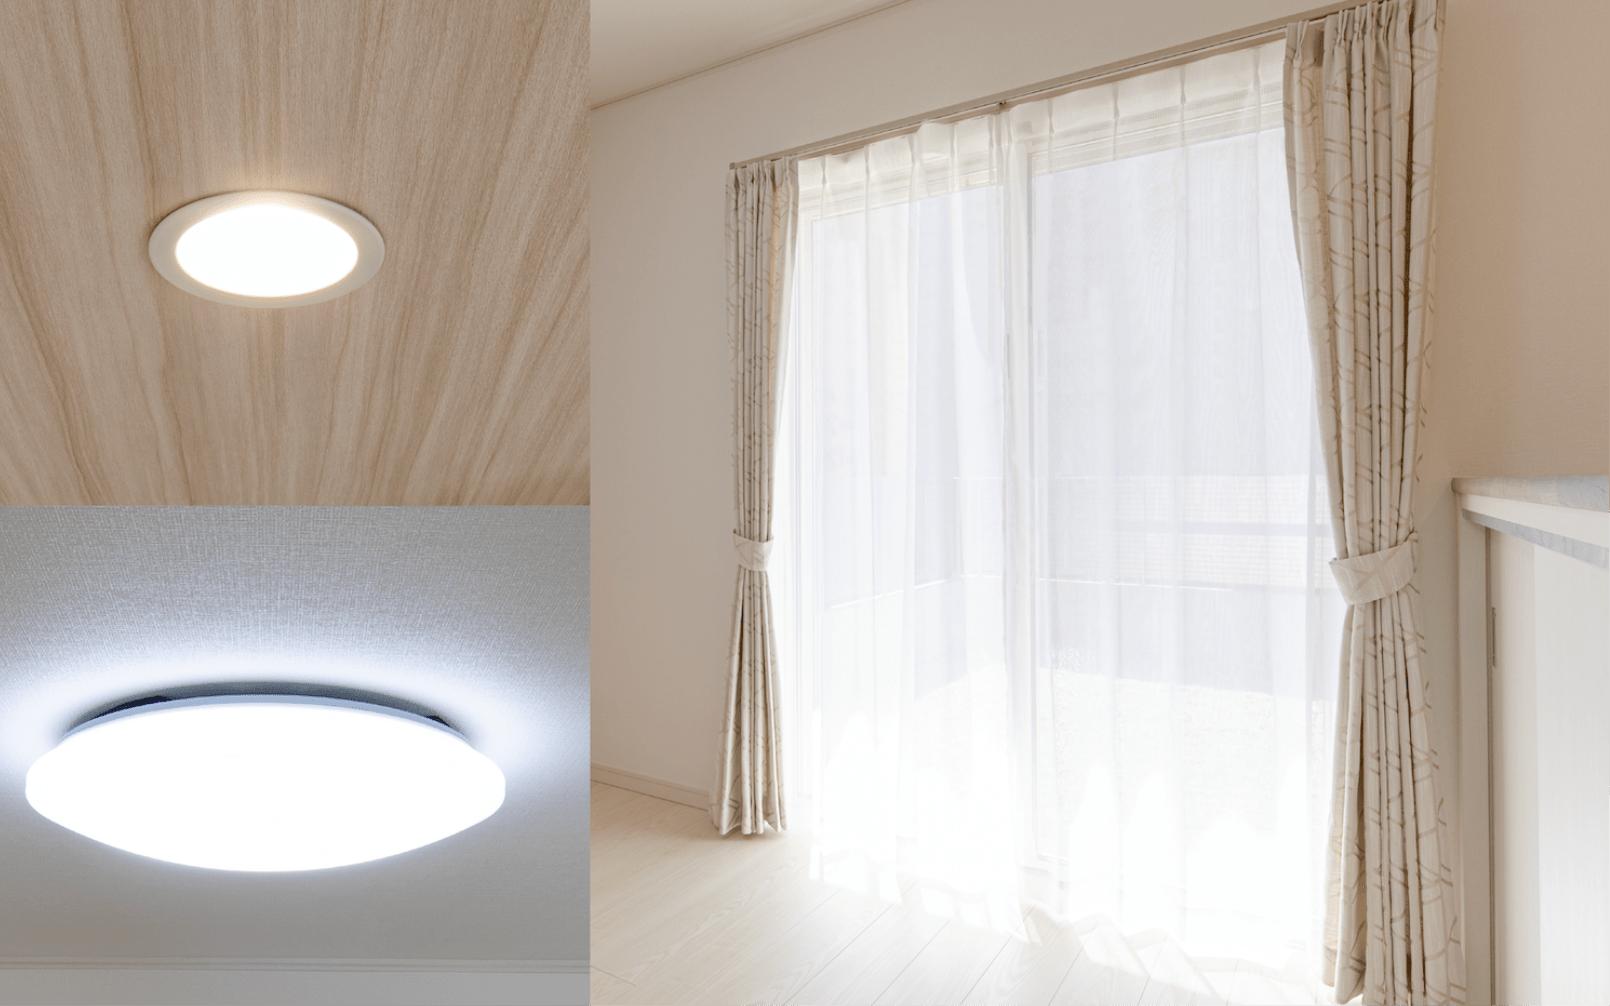 LED証明